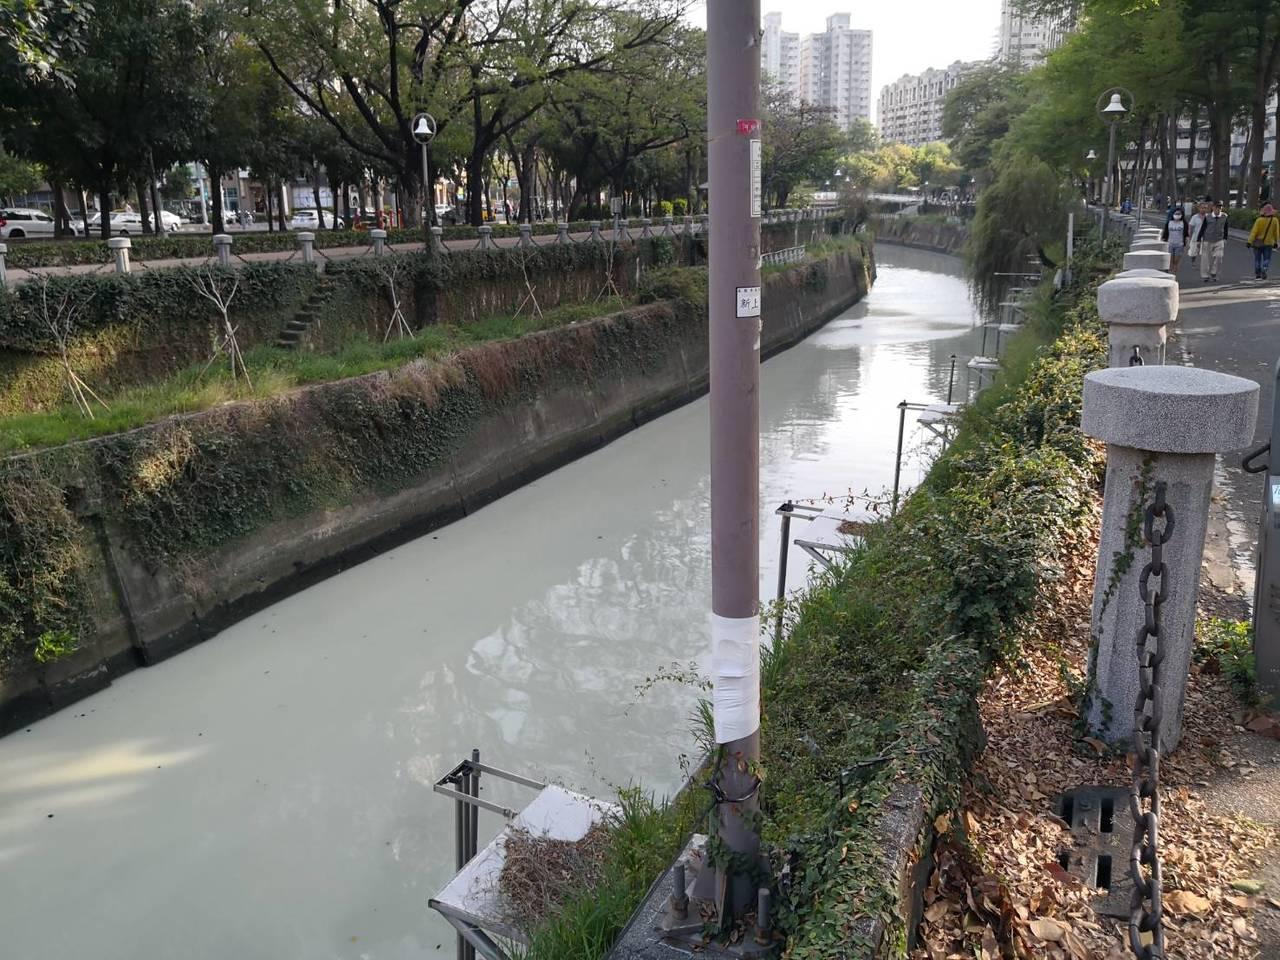 愛河變成乳白色,高雄市環保局解釋是因為自然環境及愛河河道特性等因素所產生的自然現...